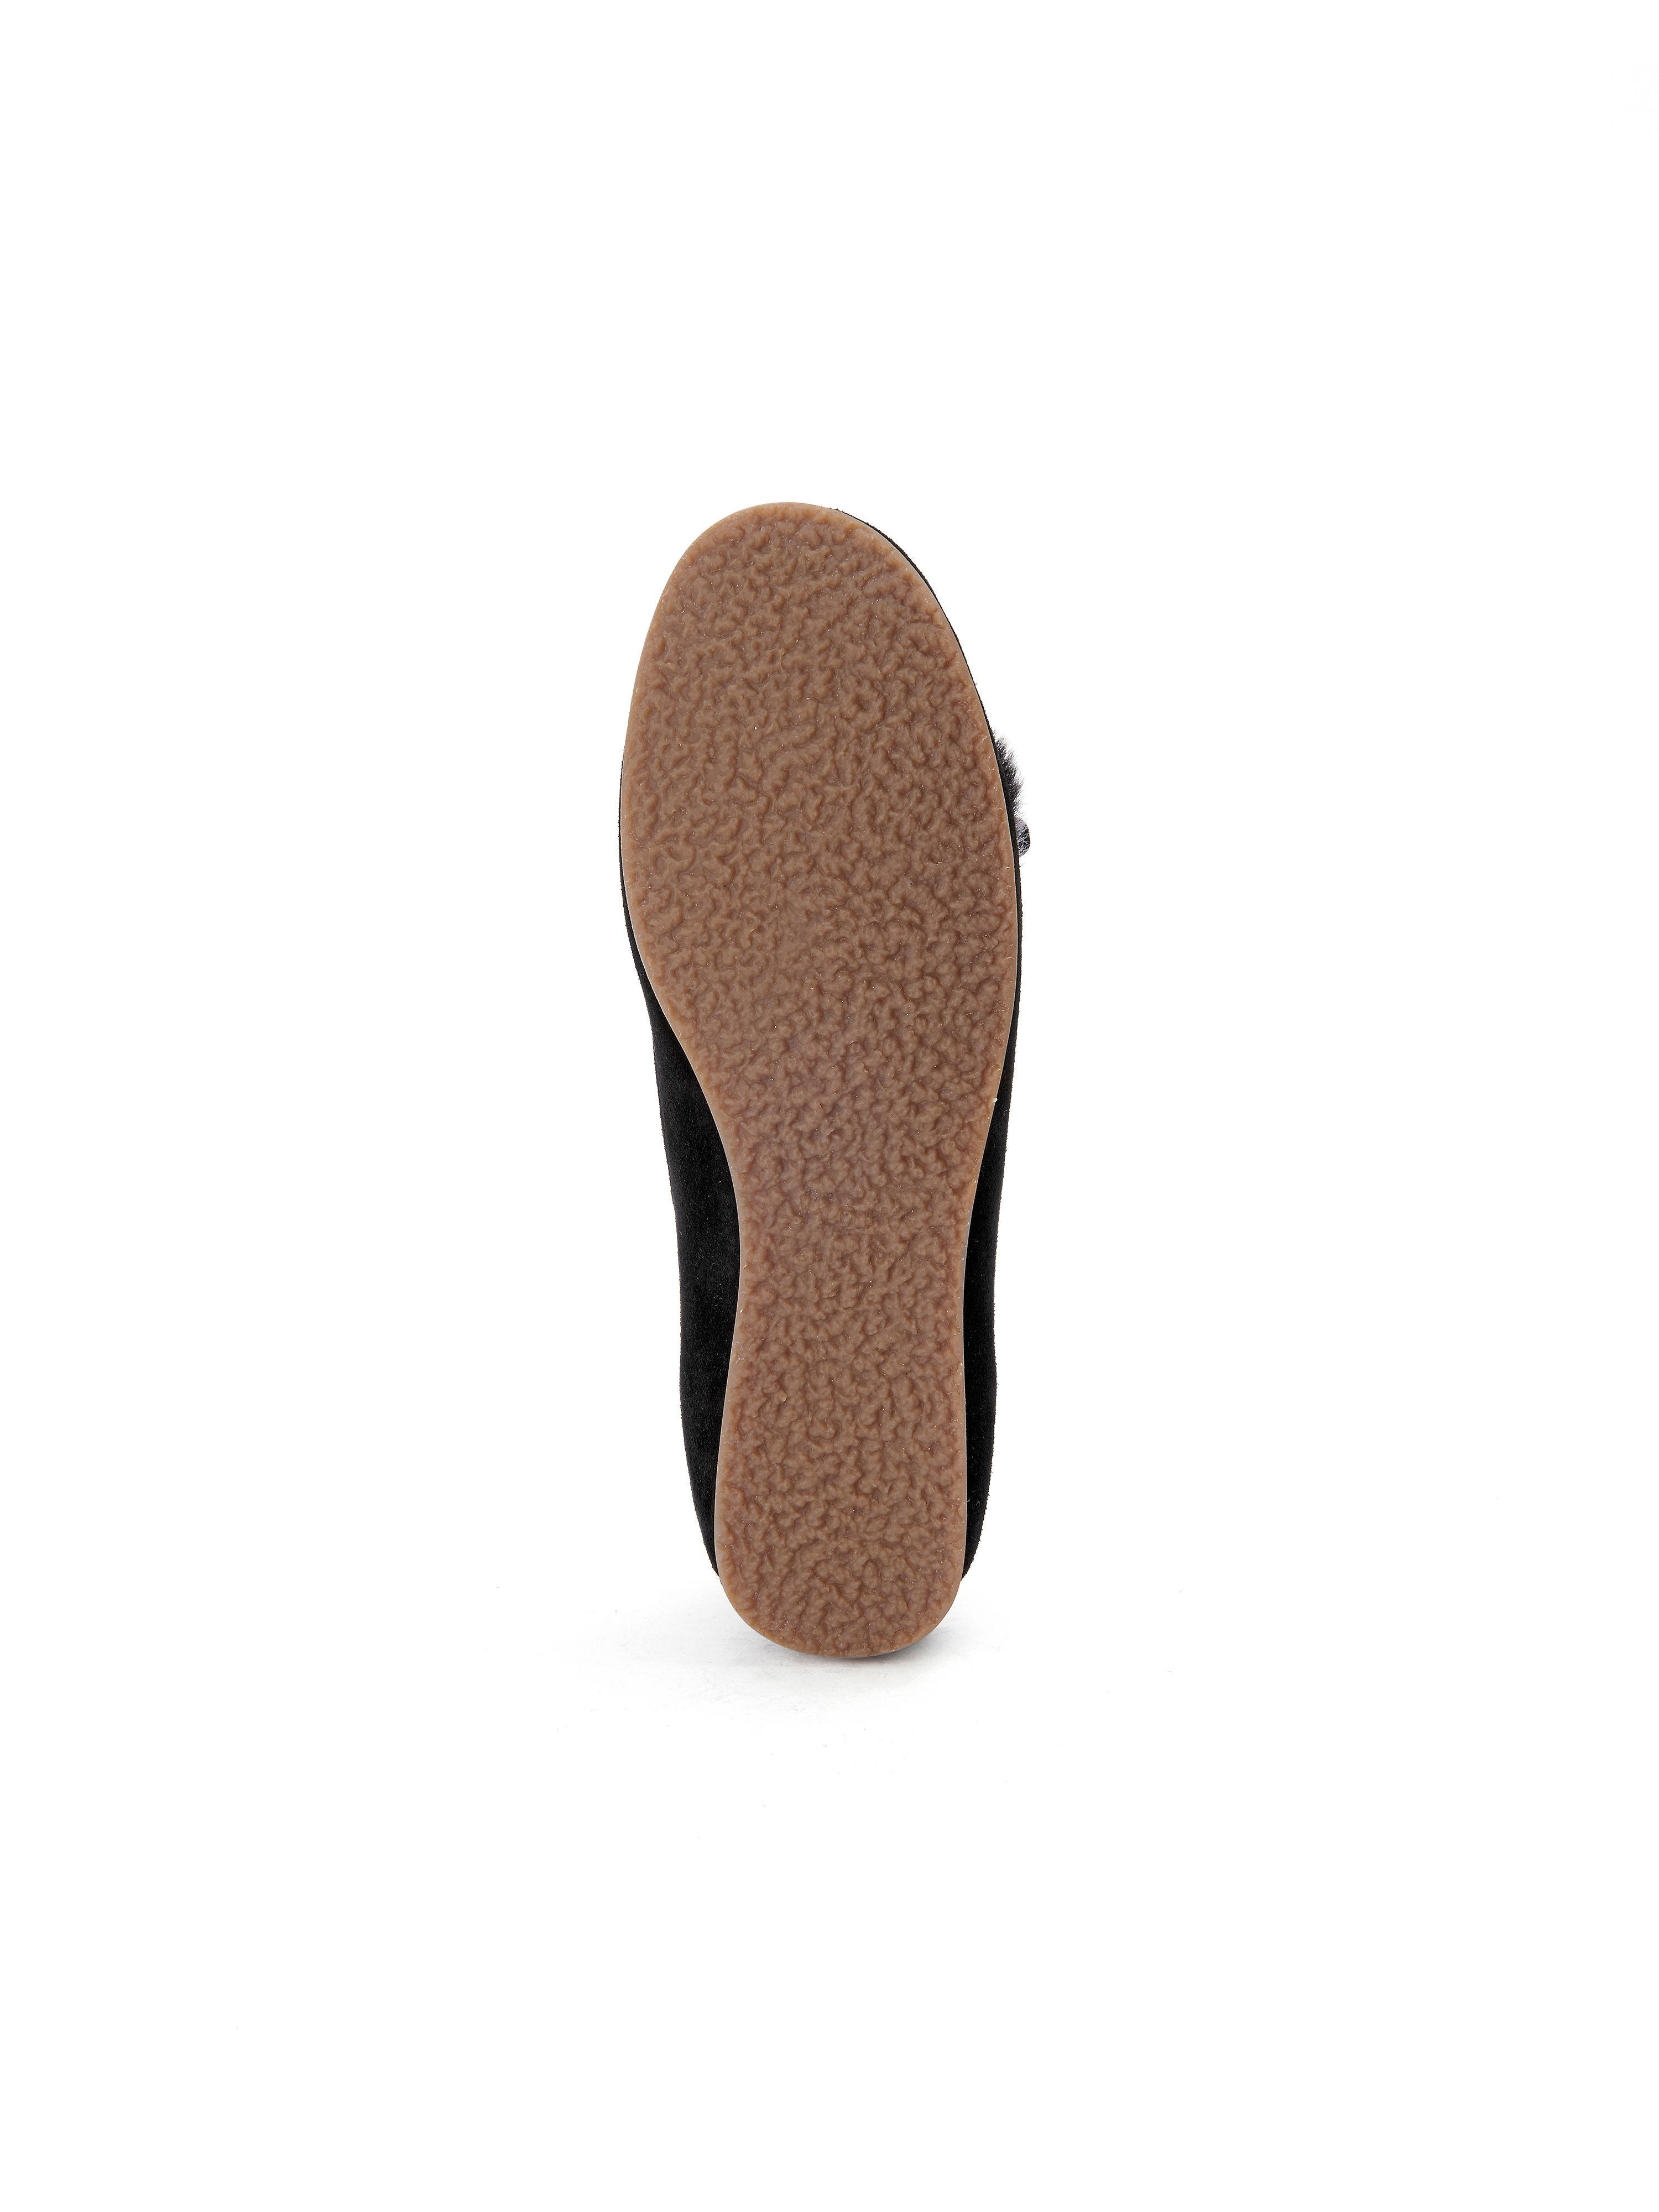 Sioux - Mokassin Qualität MUNIRA - Schwarz Gute Qualität Mokassin beliebte Schuhe e95f68